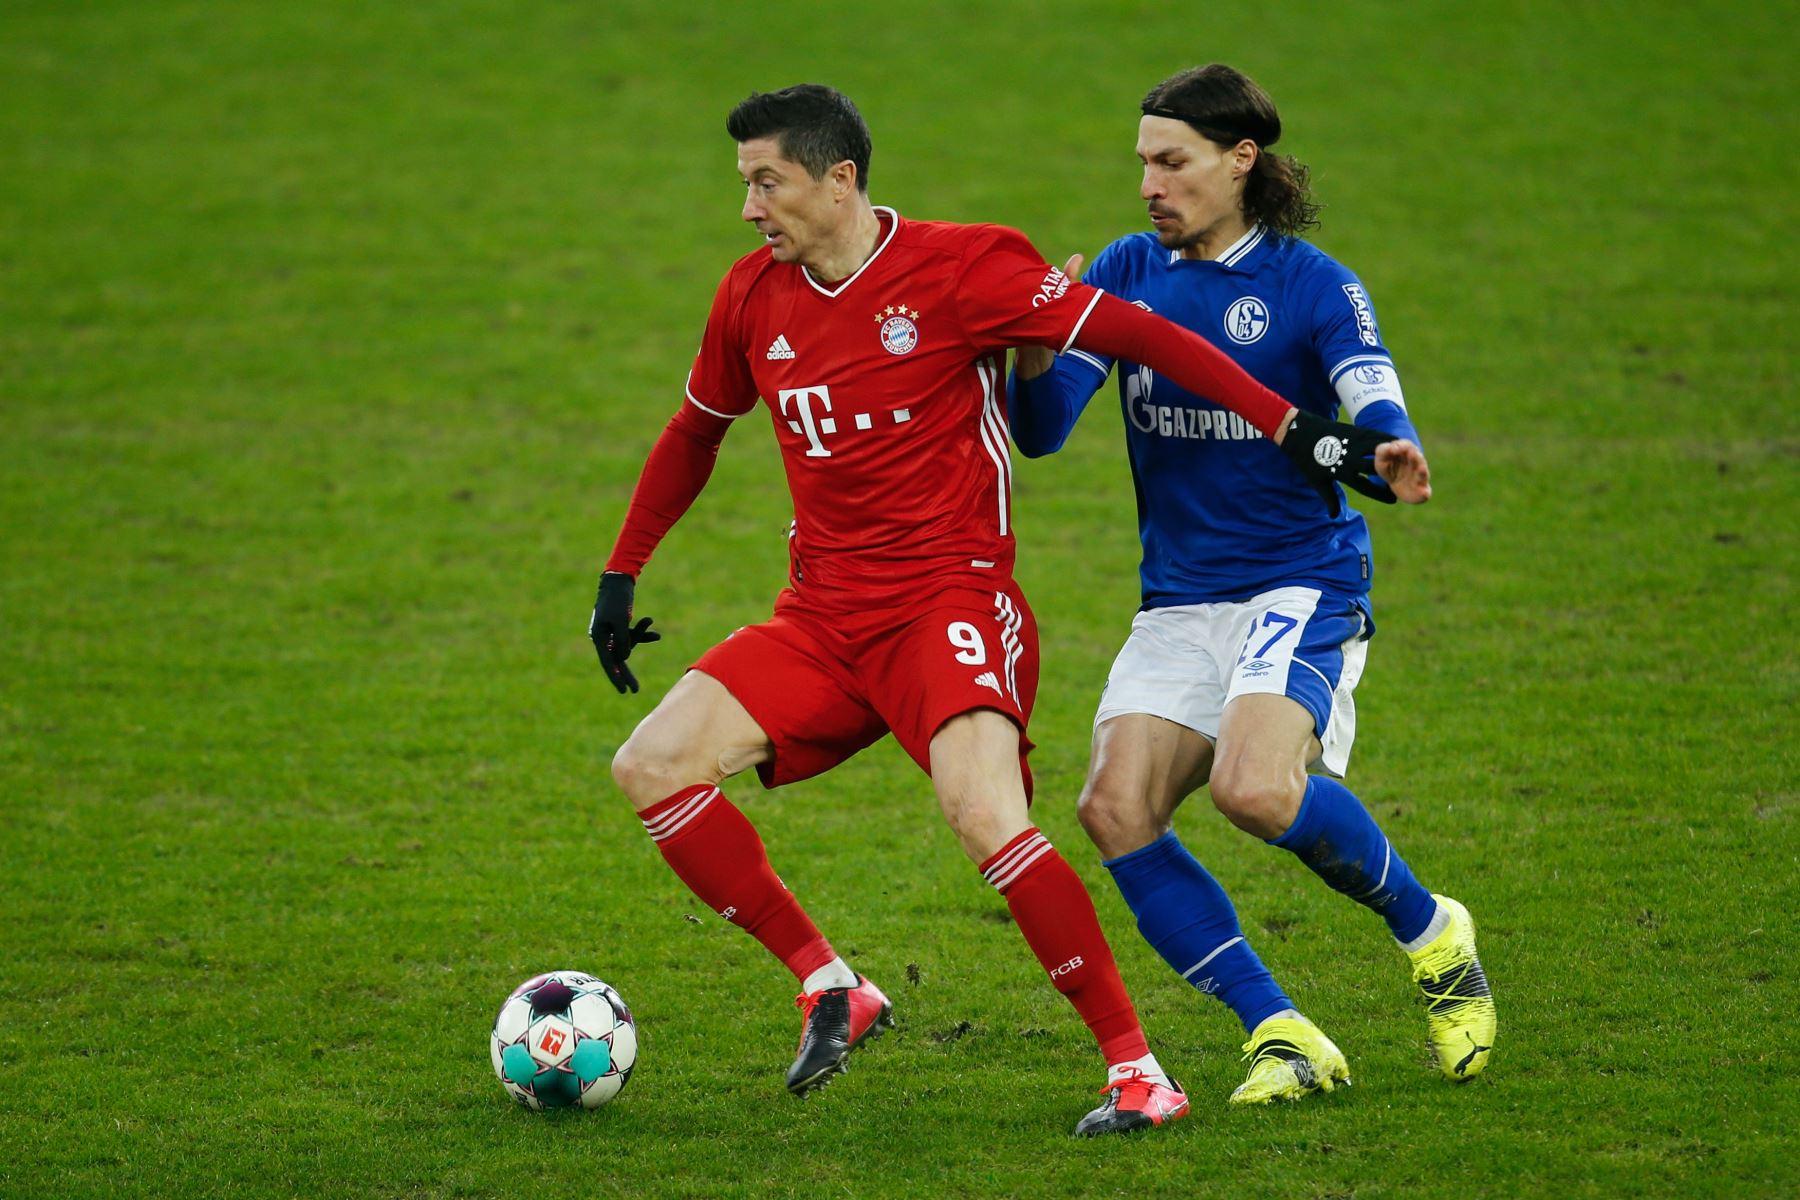 El delantero polaco del Bayern Munich Robert Lewandowski y el centrocampista francés del Schalke, Benjamin Stambouli, disputan el balón durante el partido de fútbol de la Bundesliga de primera división alemana Schalke 04 v FC Bayern Munich en Gelsenkirchen, Alemania occidental. Foto: AFP